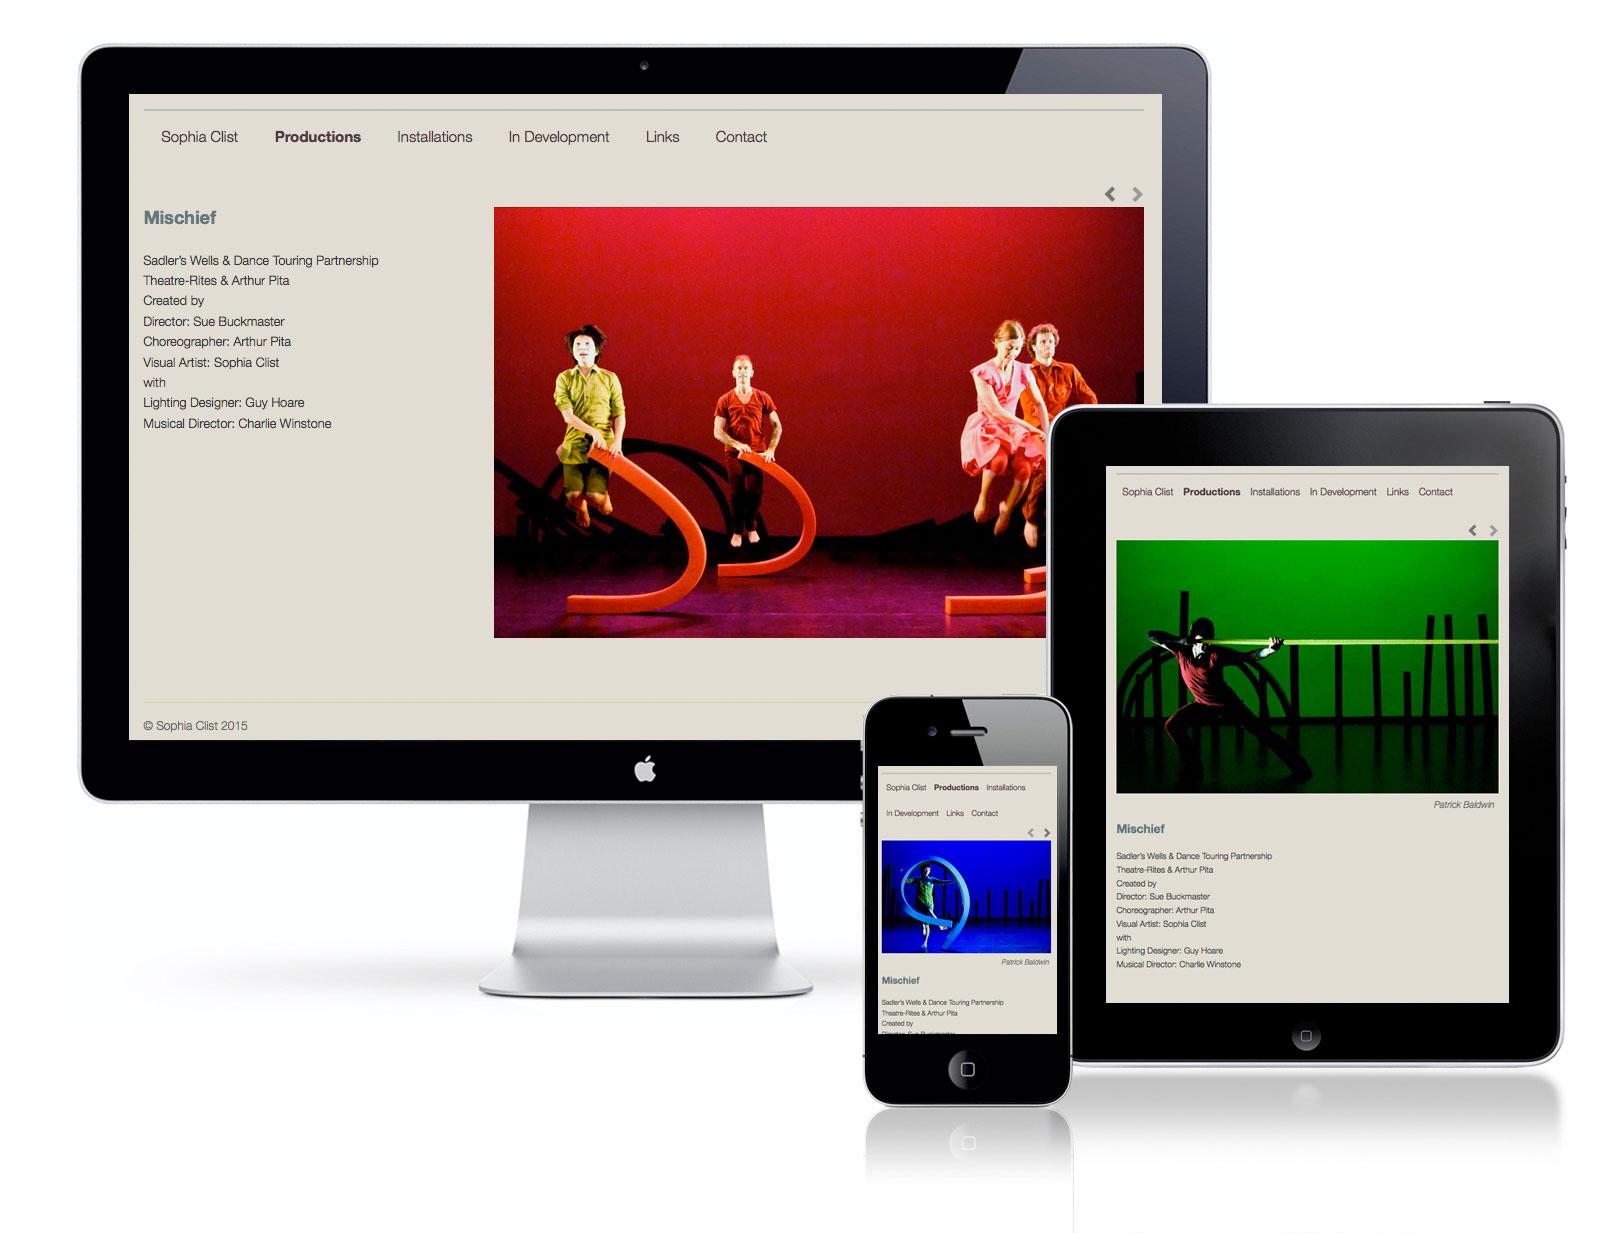 sophia clist website design by pynto